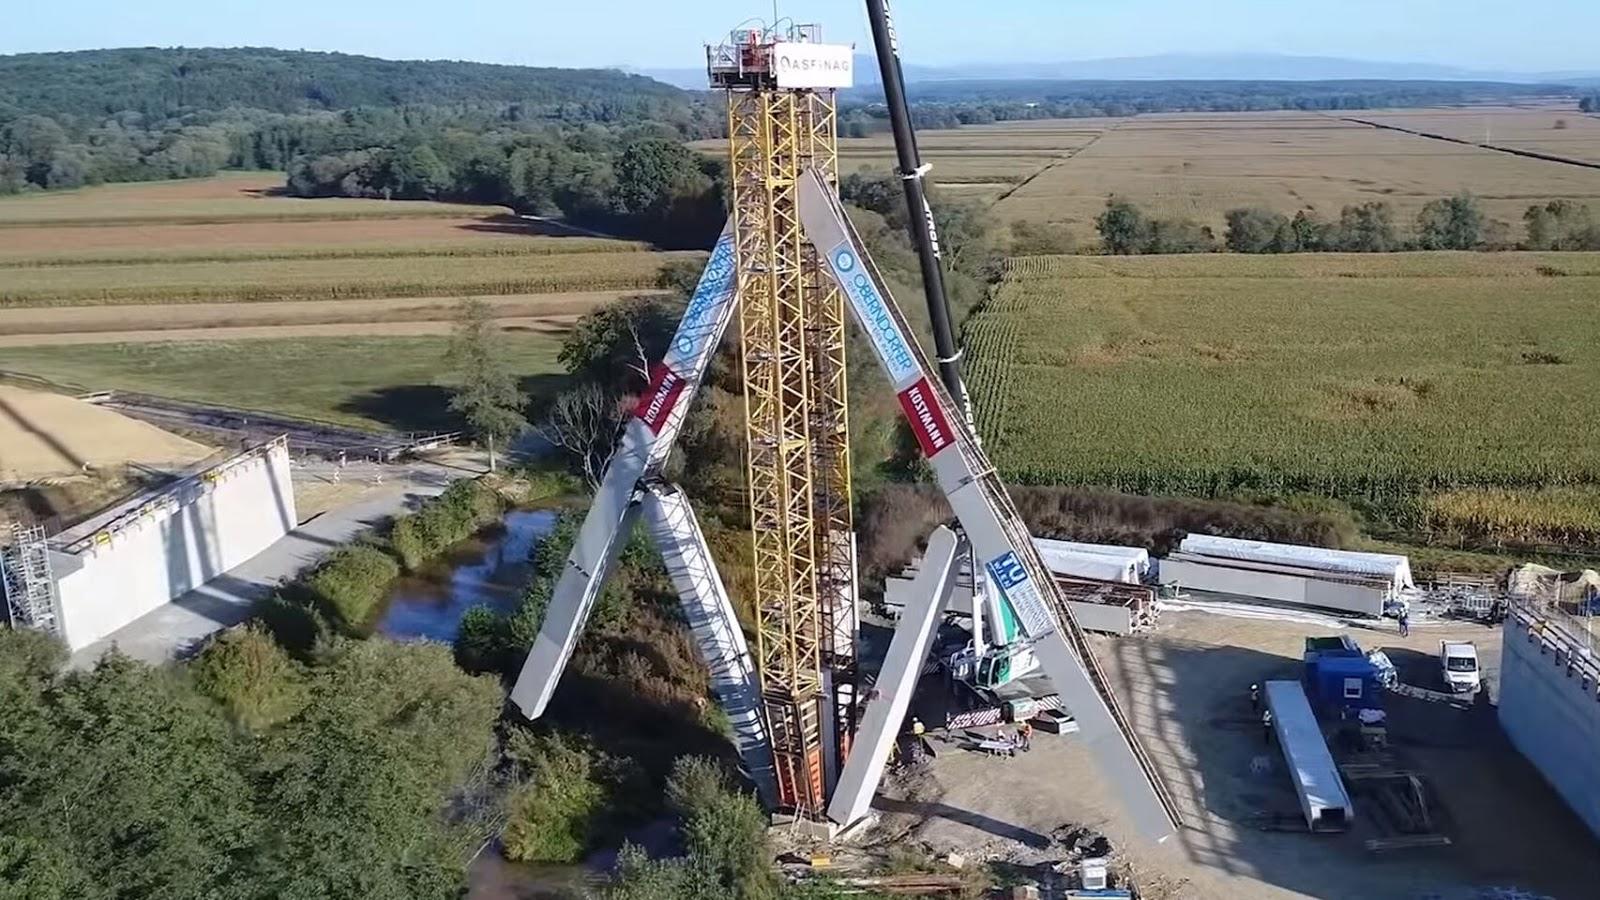 Revolución tecnológica en la construcción, de puentes paraguas a hormigón plegable